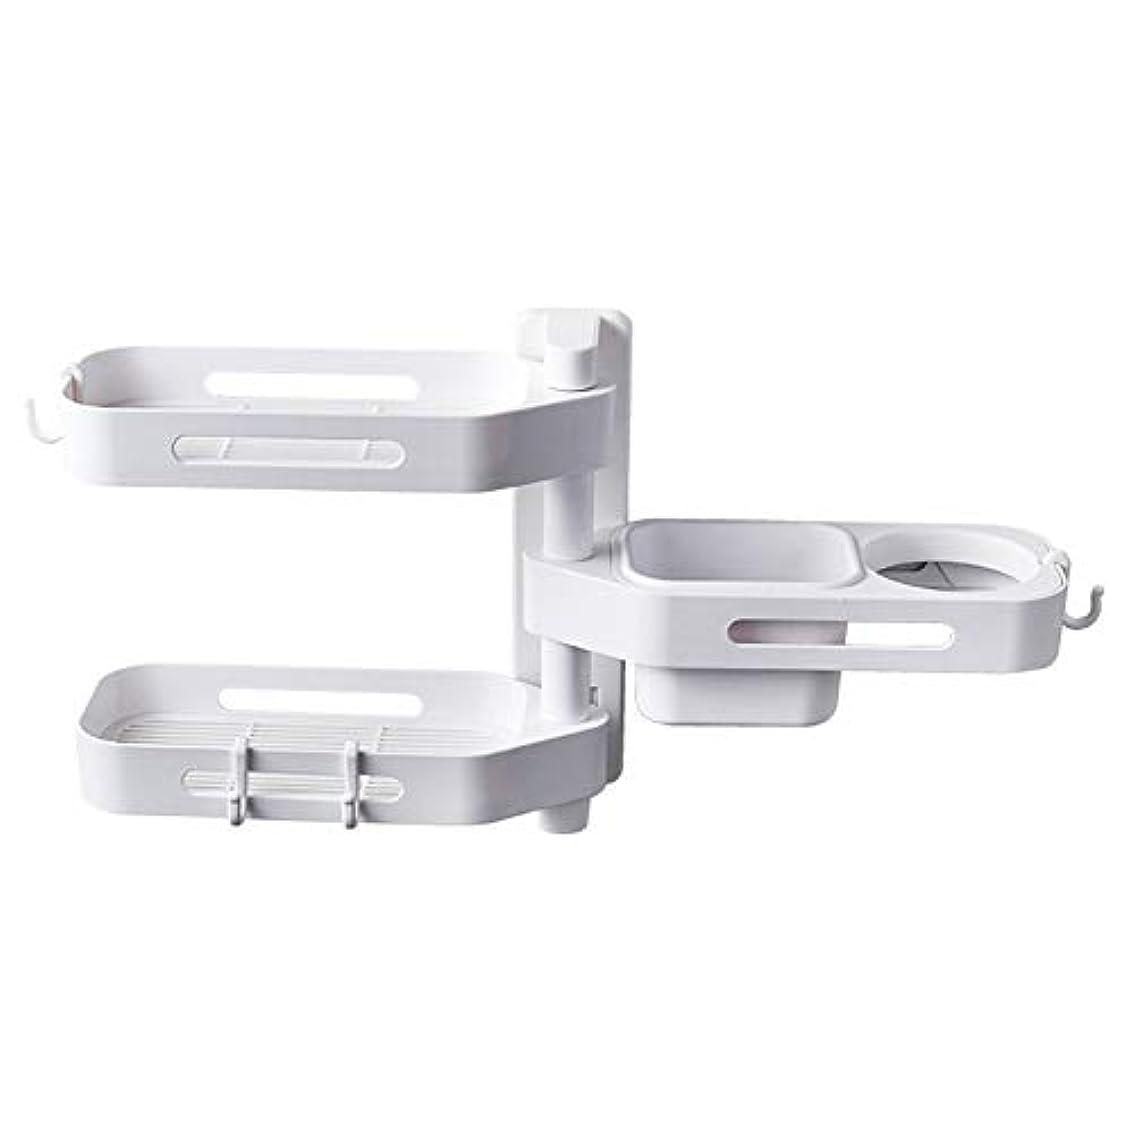 換気トーナメントアウターCoolTack 3層ソープトレイプラスチック取り外し可能な収納オーガナイザーを回転させるソープディッシュ接着剤ホルダー